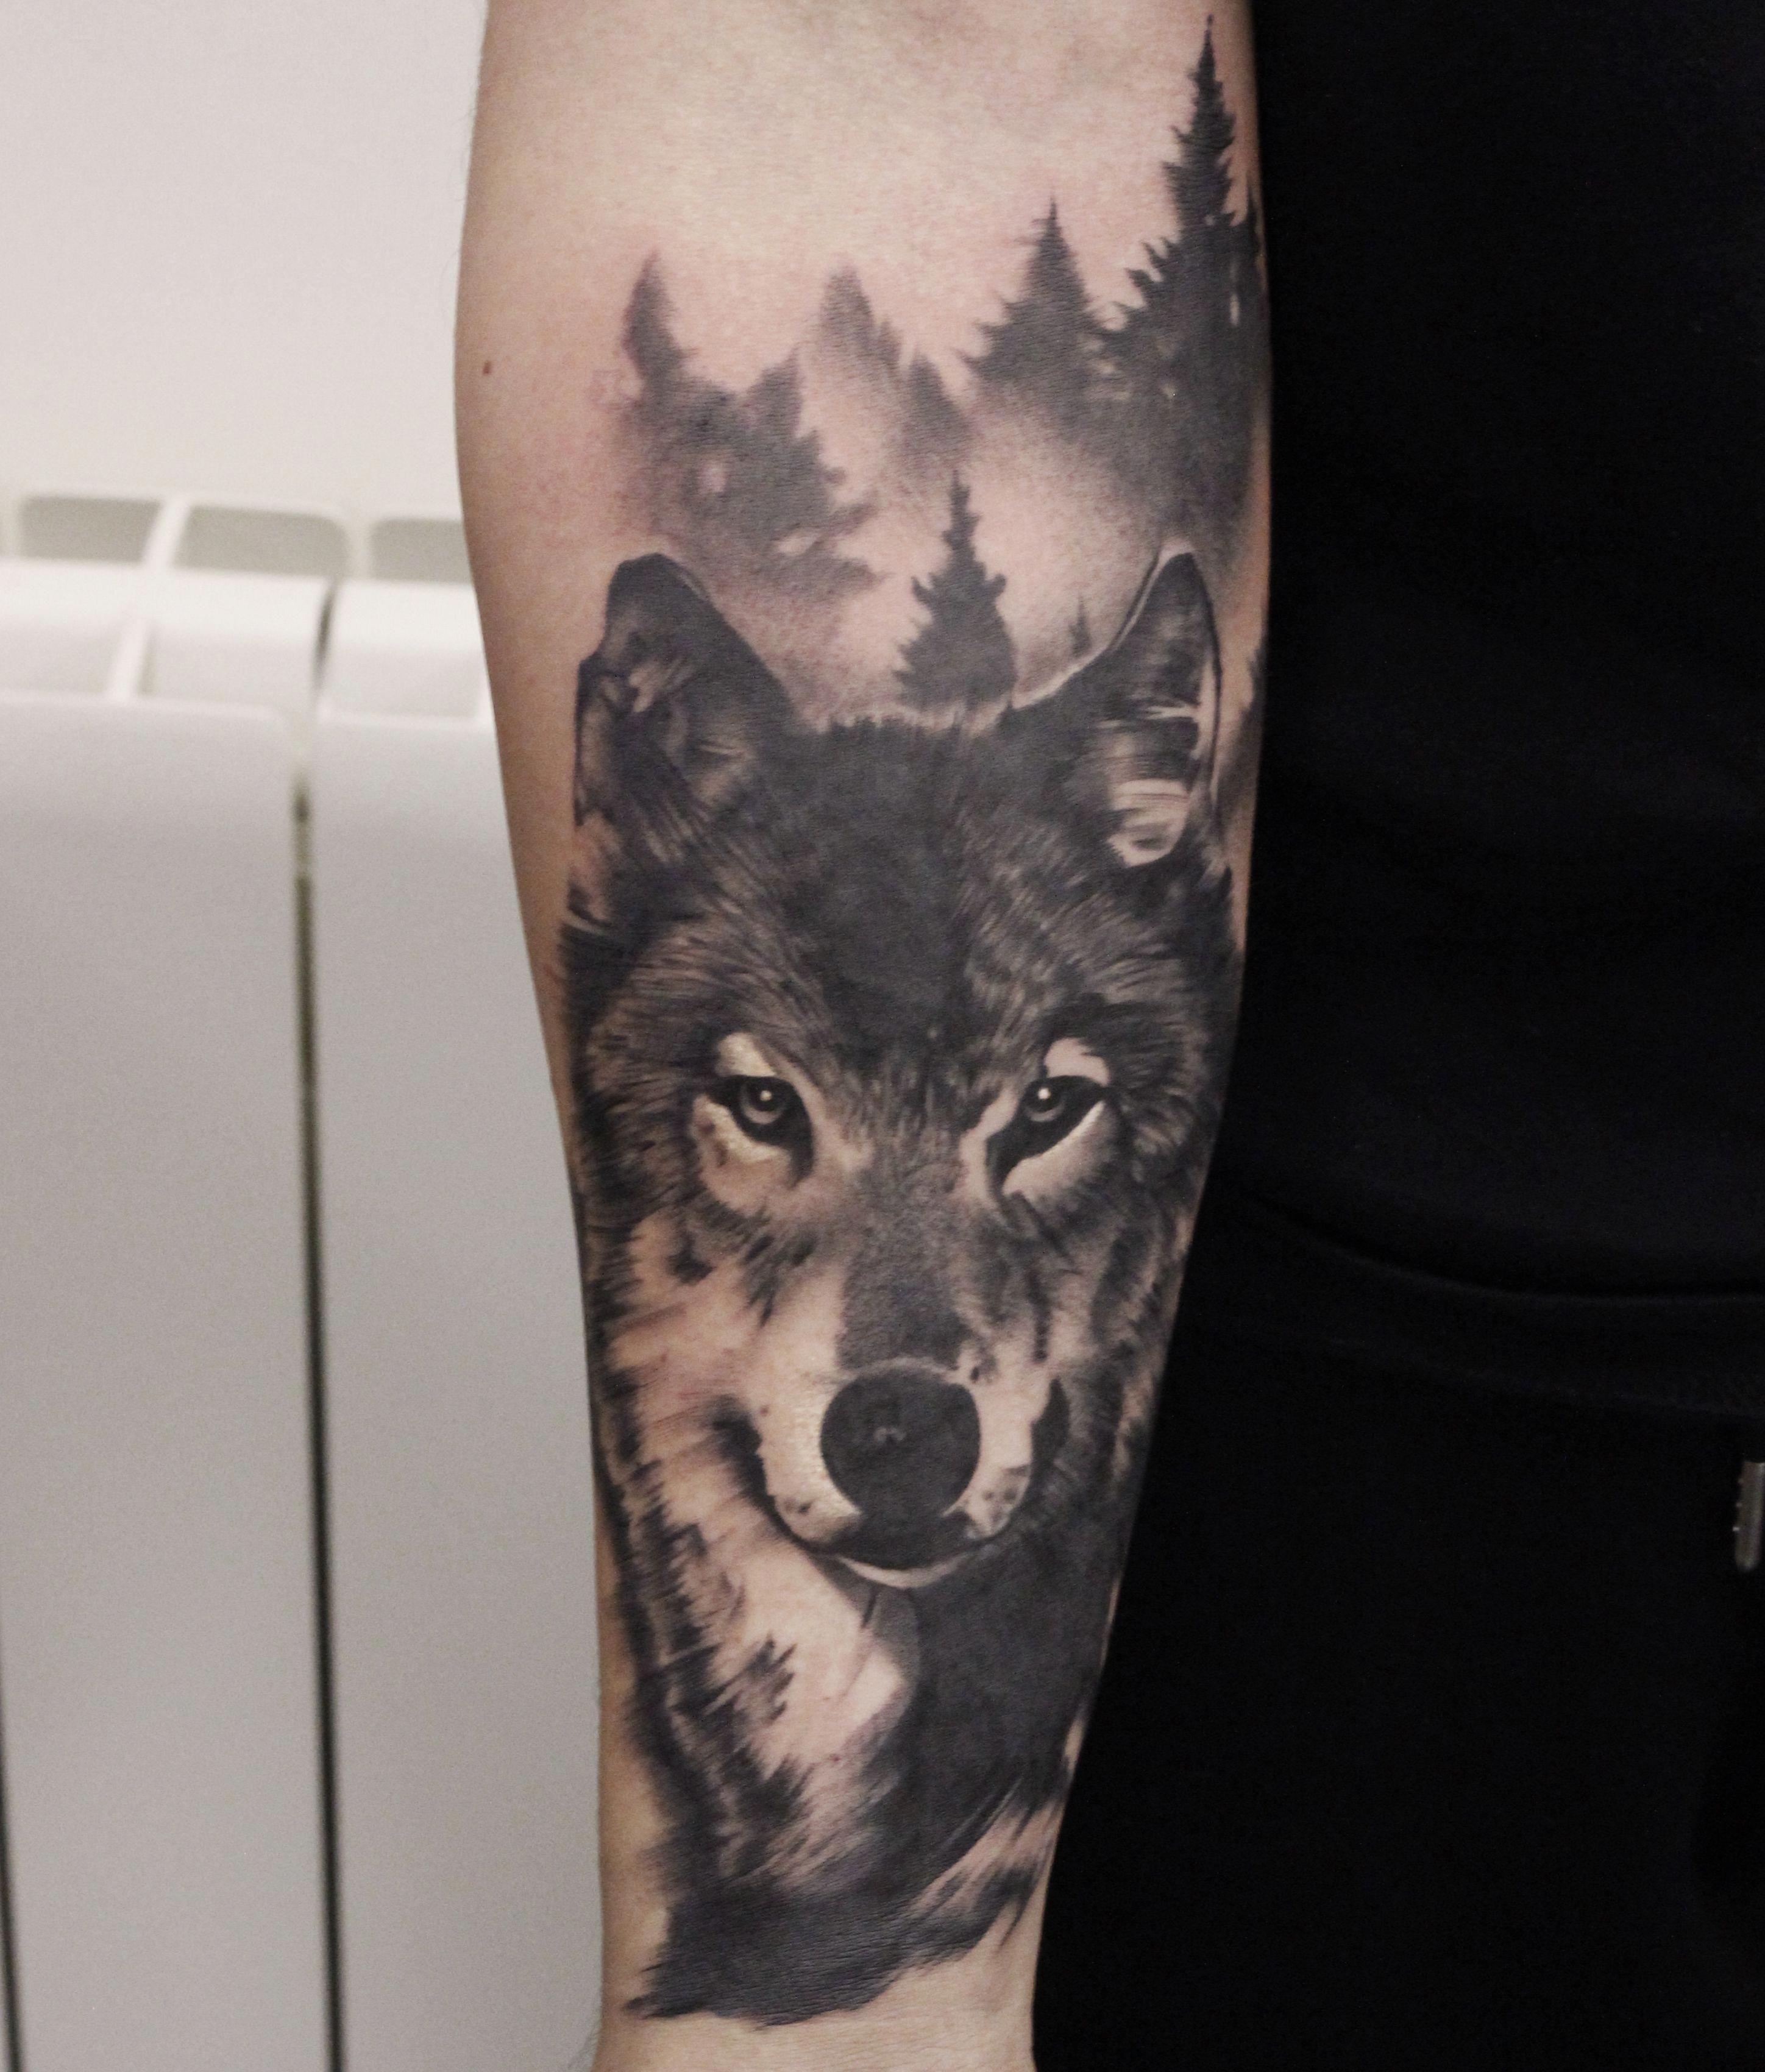 16 Tatuajes de lobos en el brazo para mujer